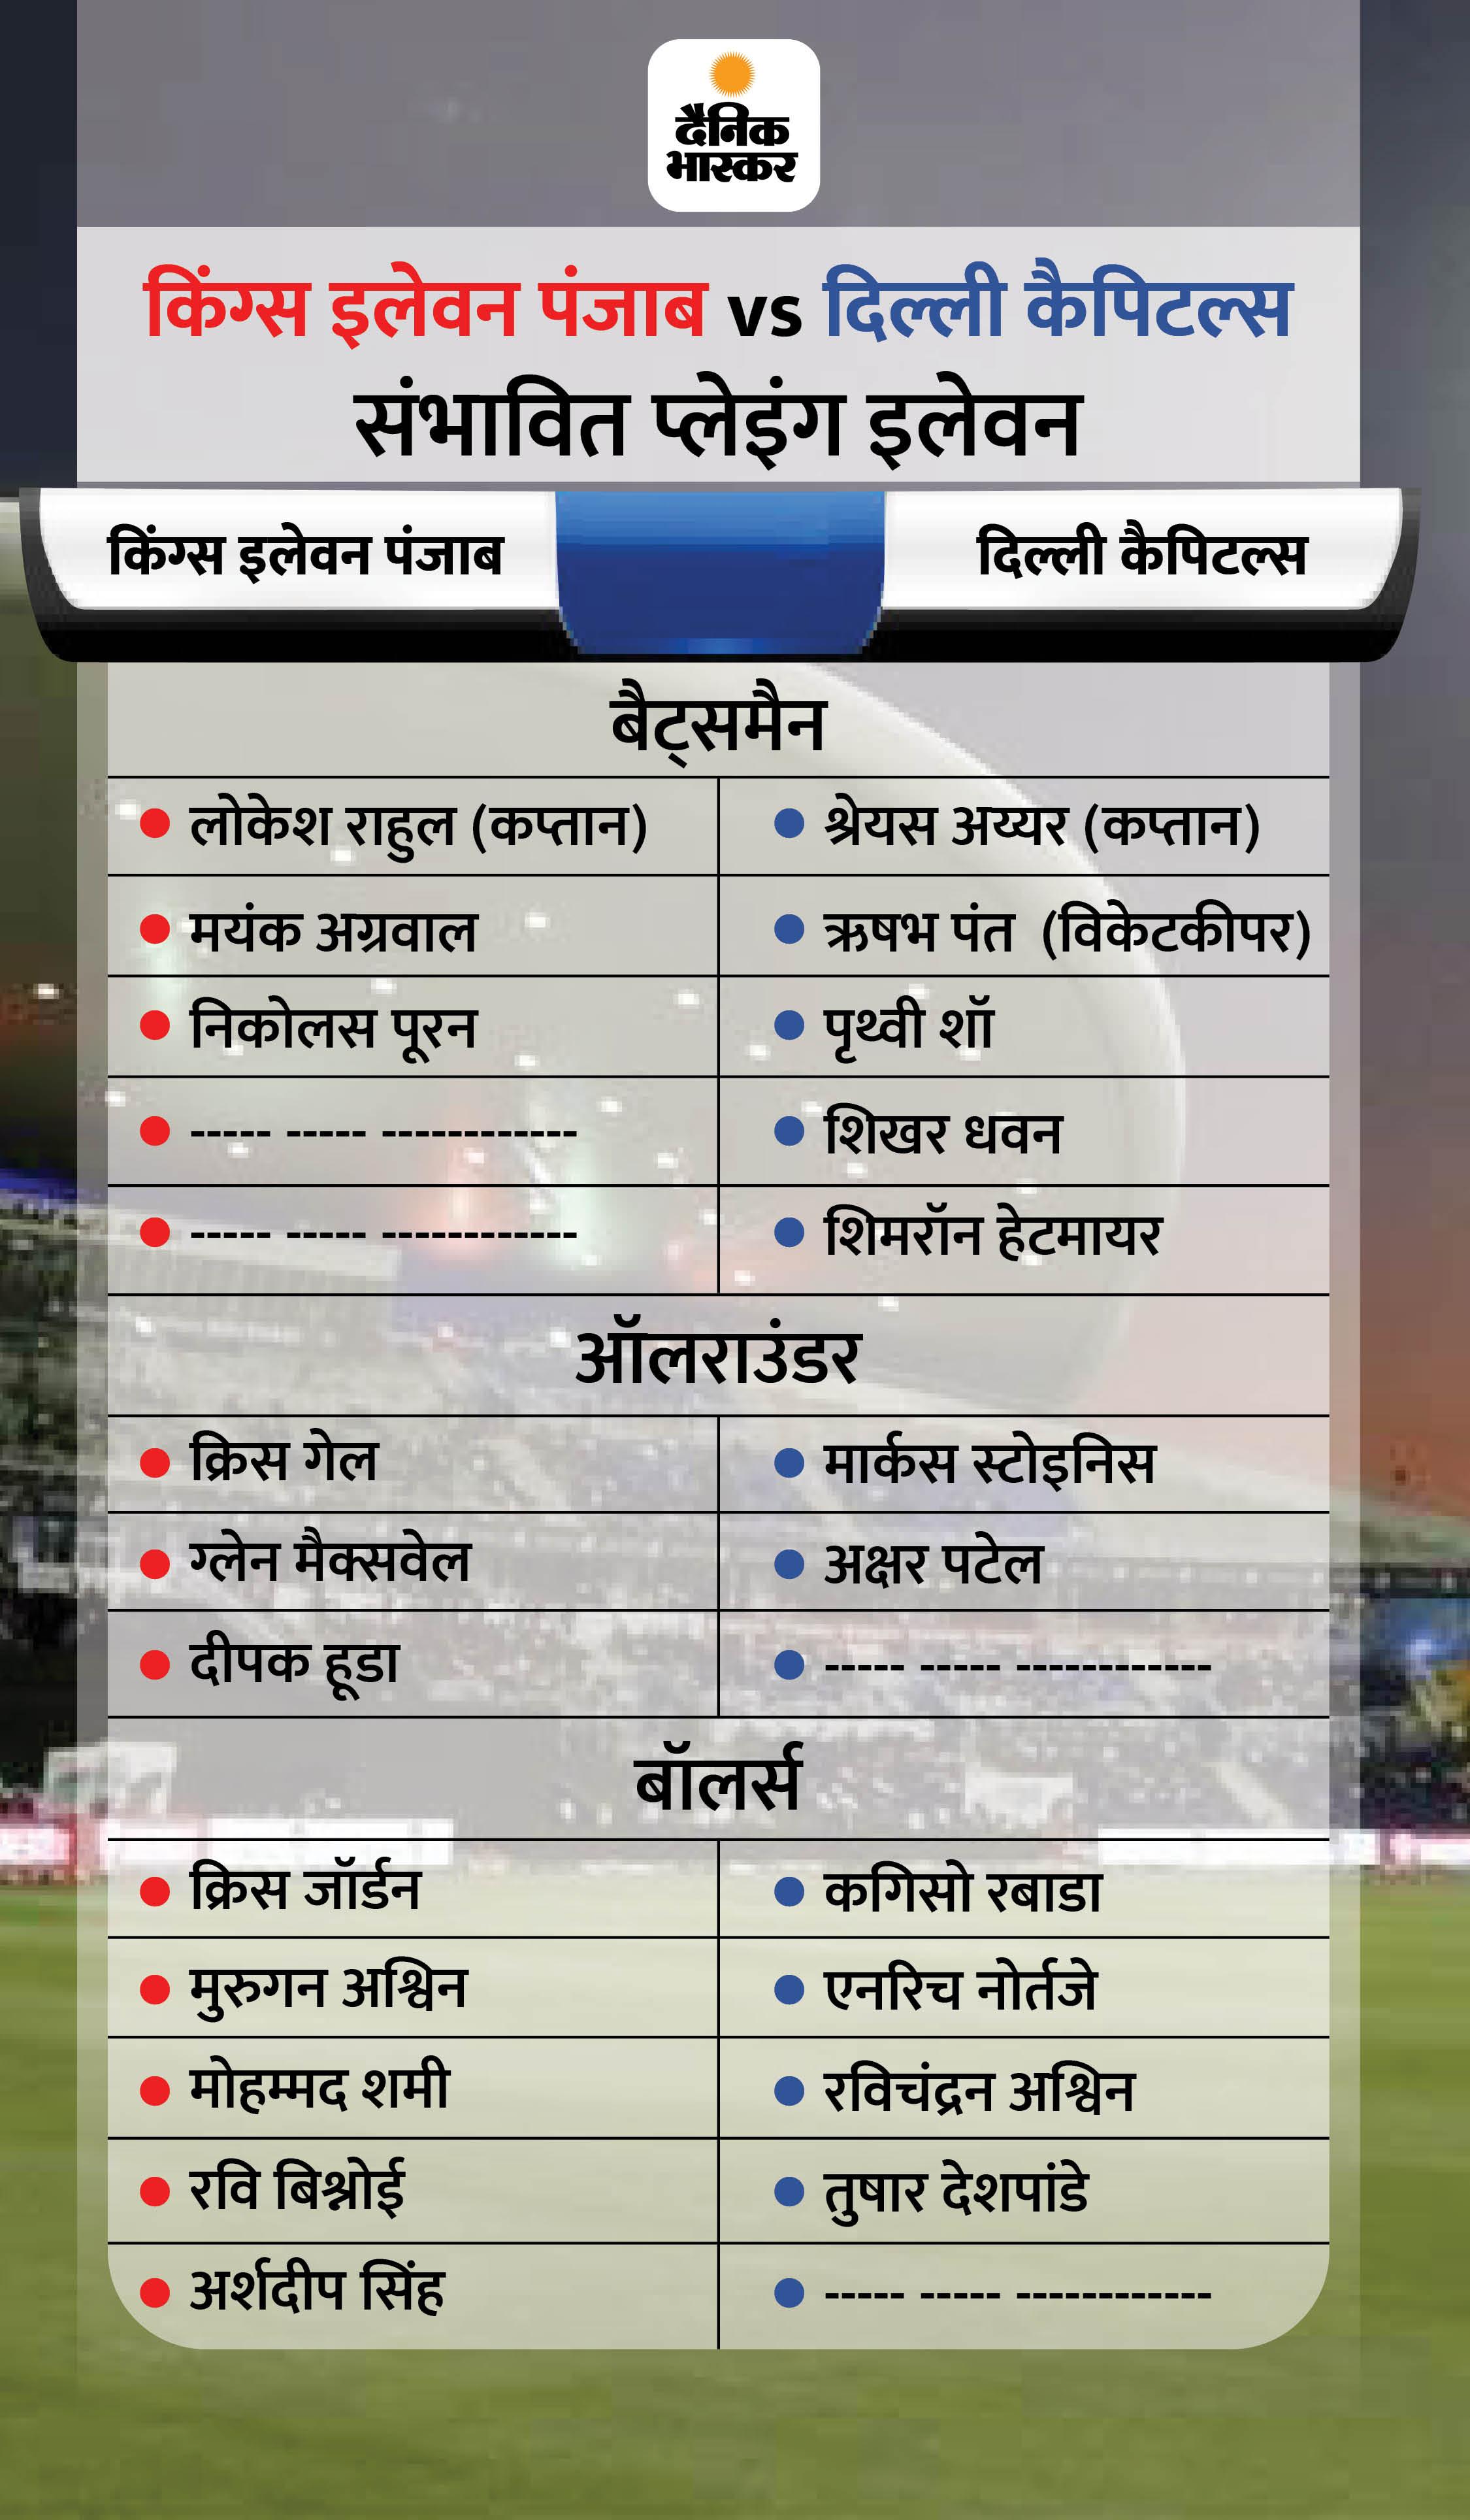 डबल सुपर ओवर के बाद किंग्स इलेवन के सामने टॉप पर काबिज दिल्ली की चुनौती; कैपिटल्स की नजर प्लेऑफ पर